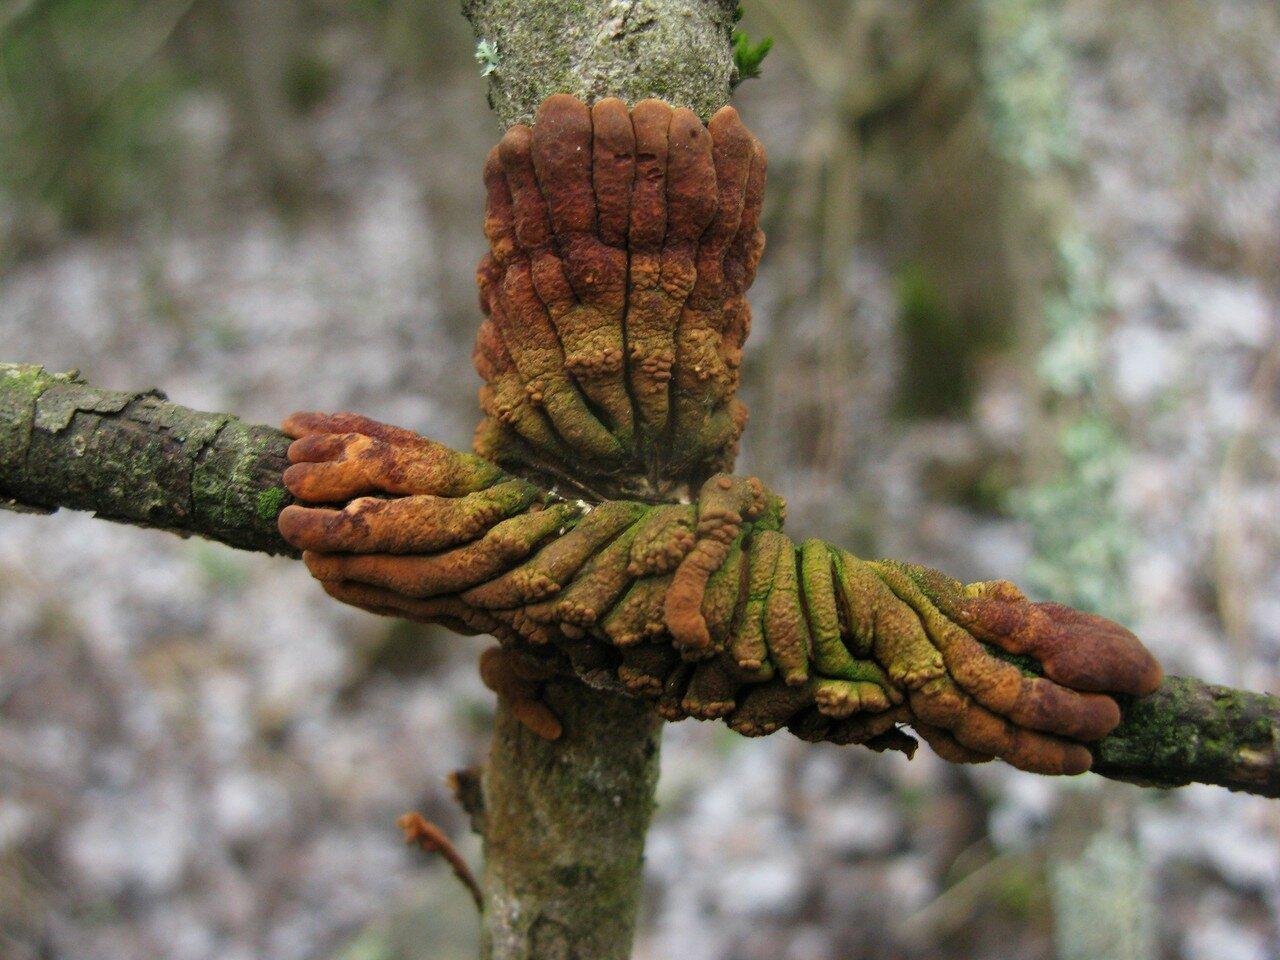 Гипокреопсис лишайниковидный (Hypocreopsis lichenoides) Автор фото: Станислав Кривошеев